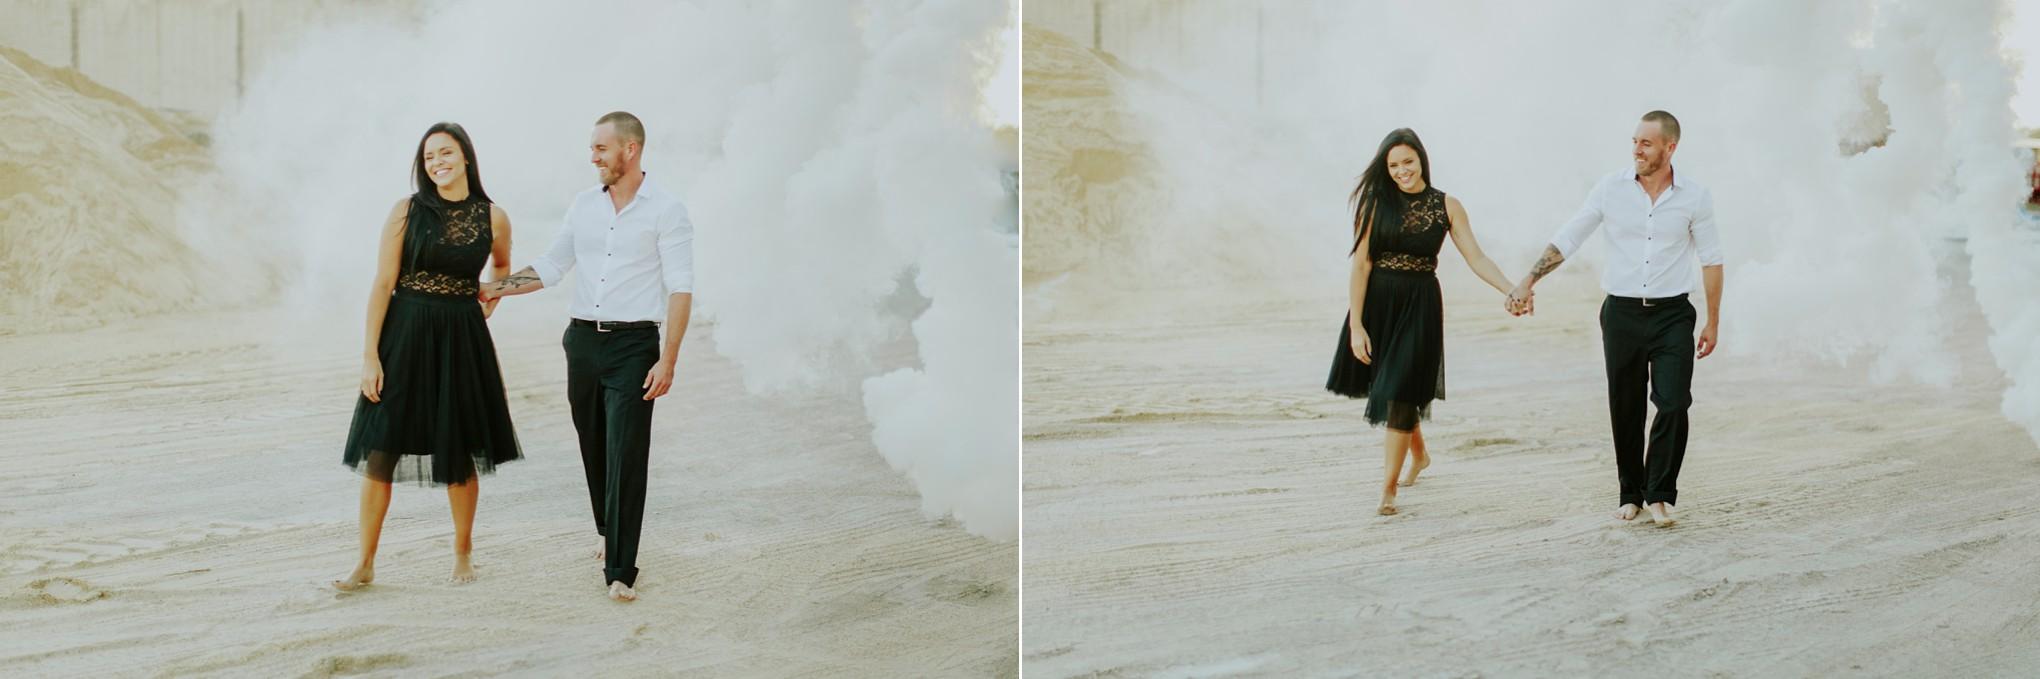 TiffanyFisher-Eng106.jpg